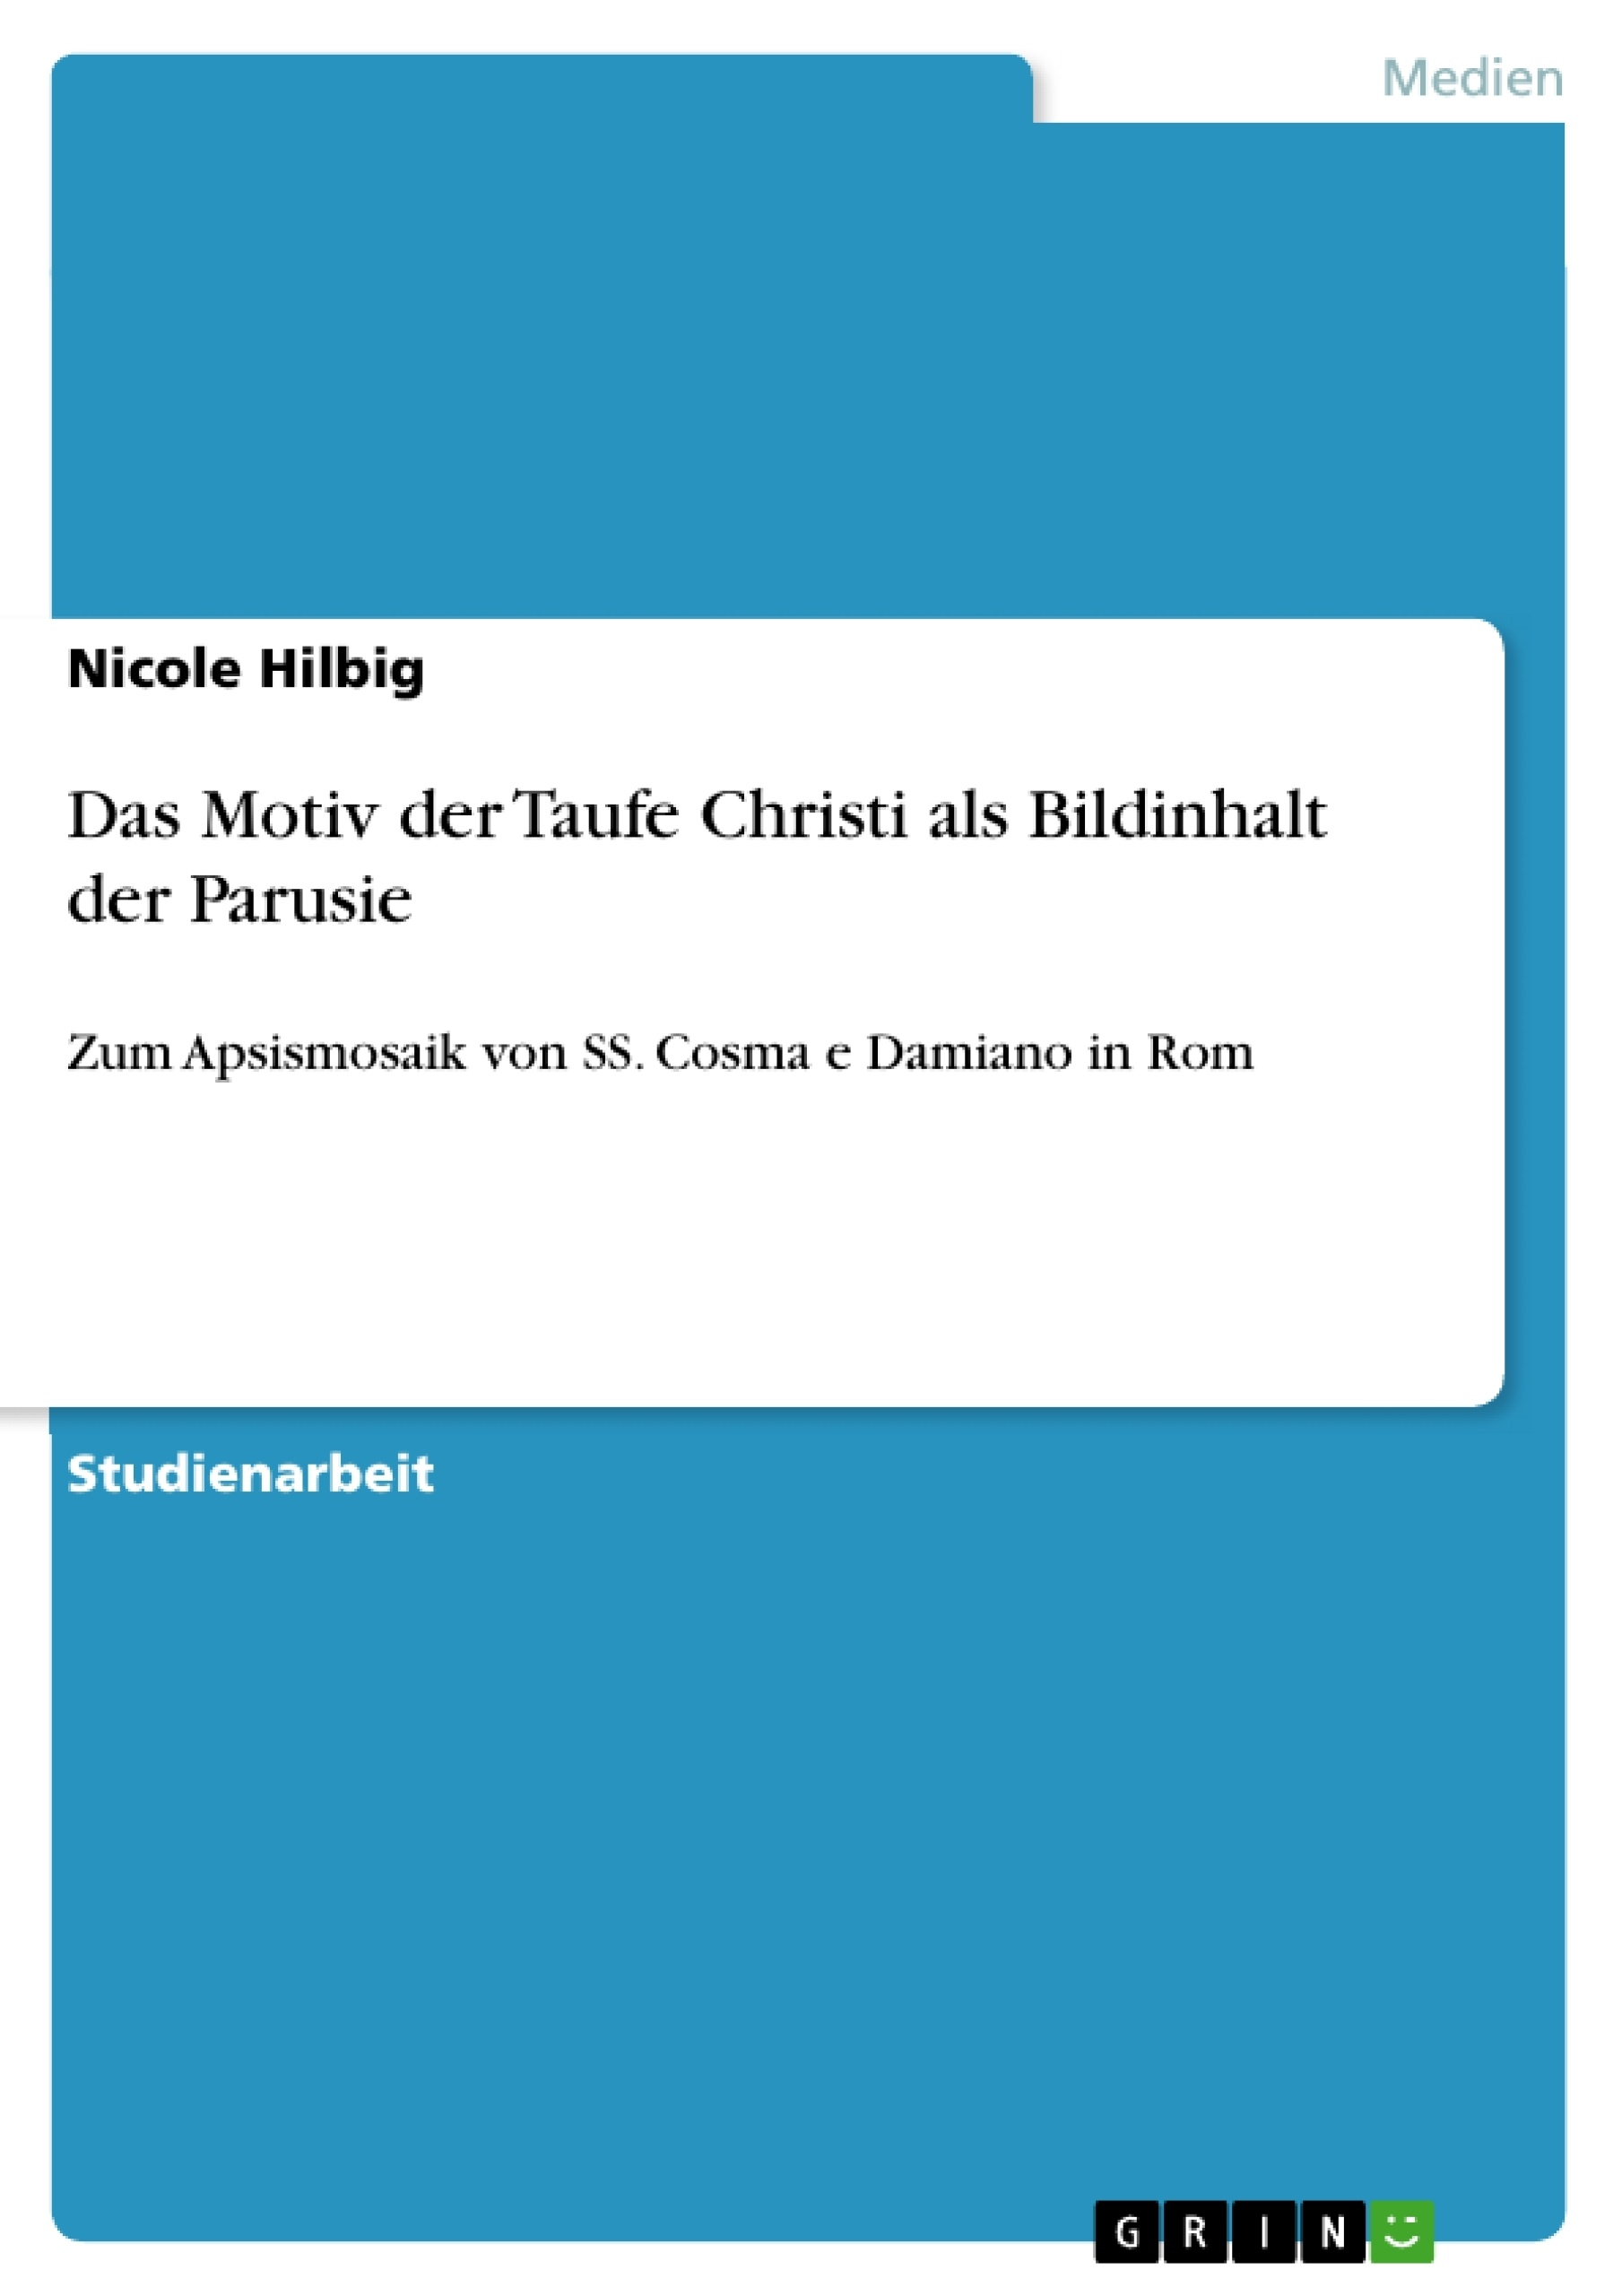 Titel: Das Motiv der Taufe Christi als Bildinhalt der Parusie